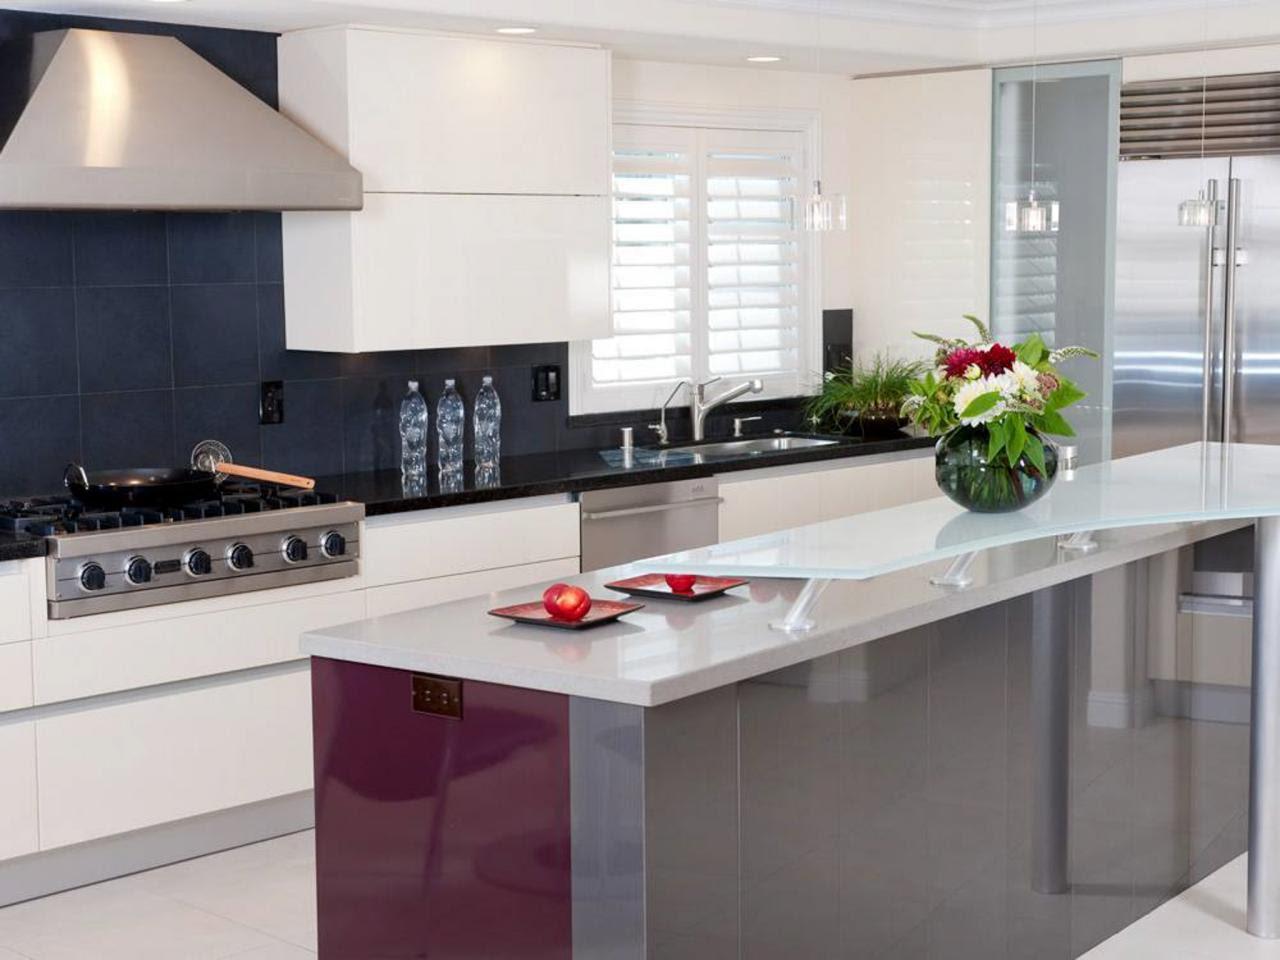 Modern Kitchen Design: Pictures, Ideas